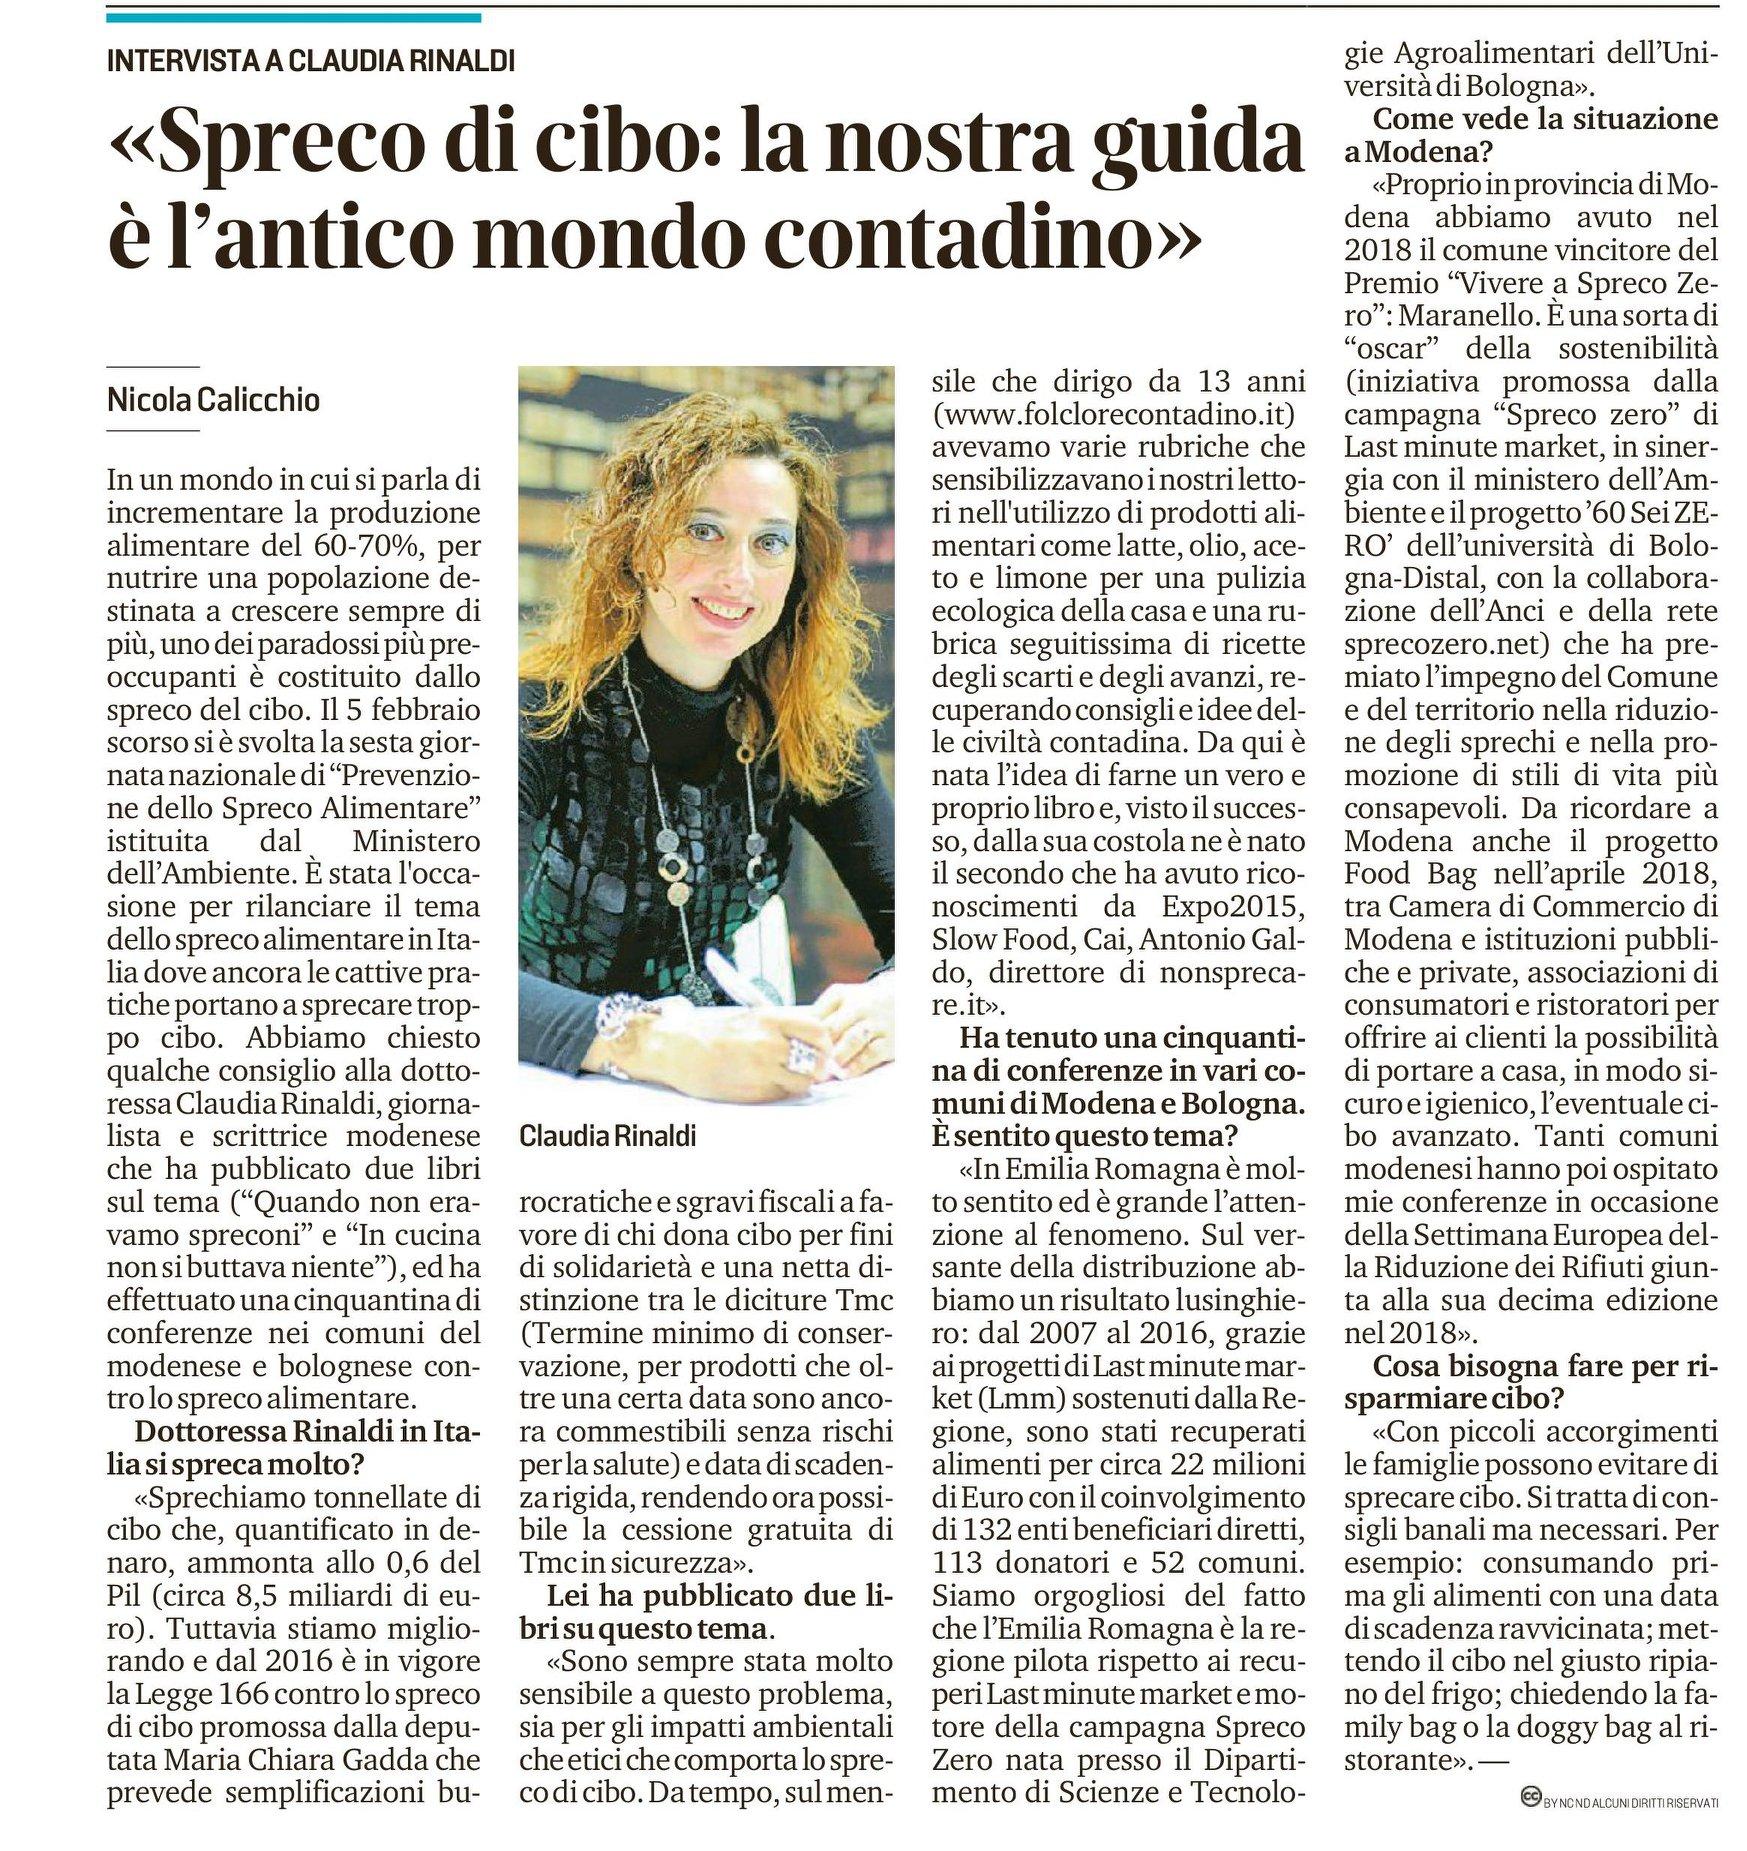 """Spreco di cibo: la nostra guida è l'antico mondo contadino """"La Gazzetta di Modena"""" del 22 Febbraio 2019"""